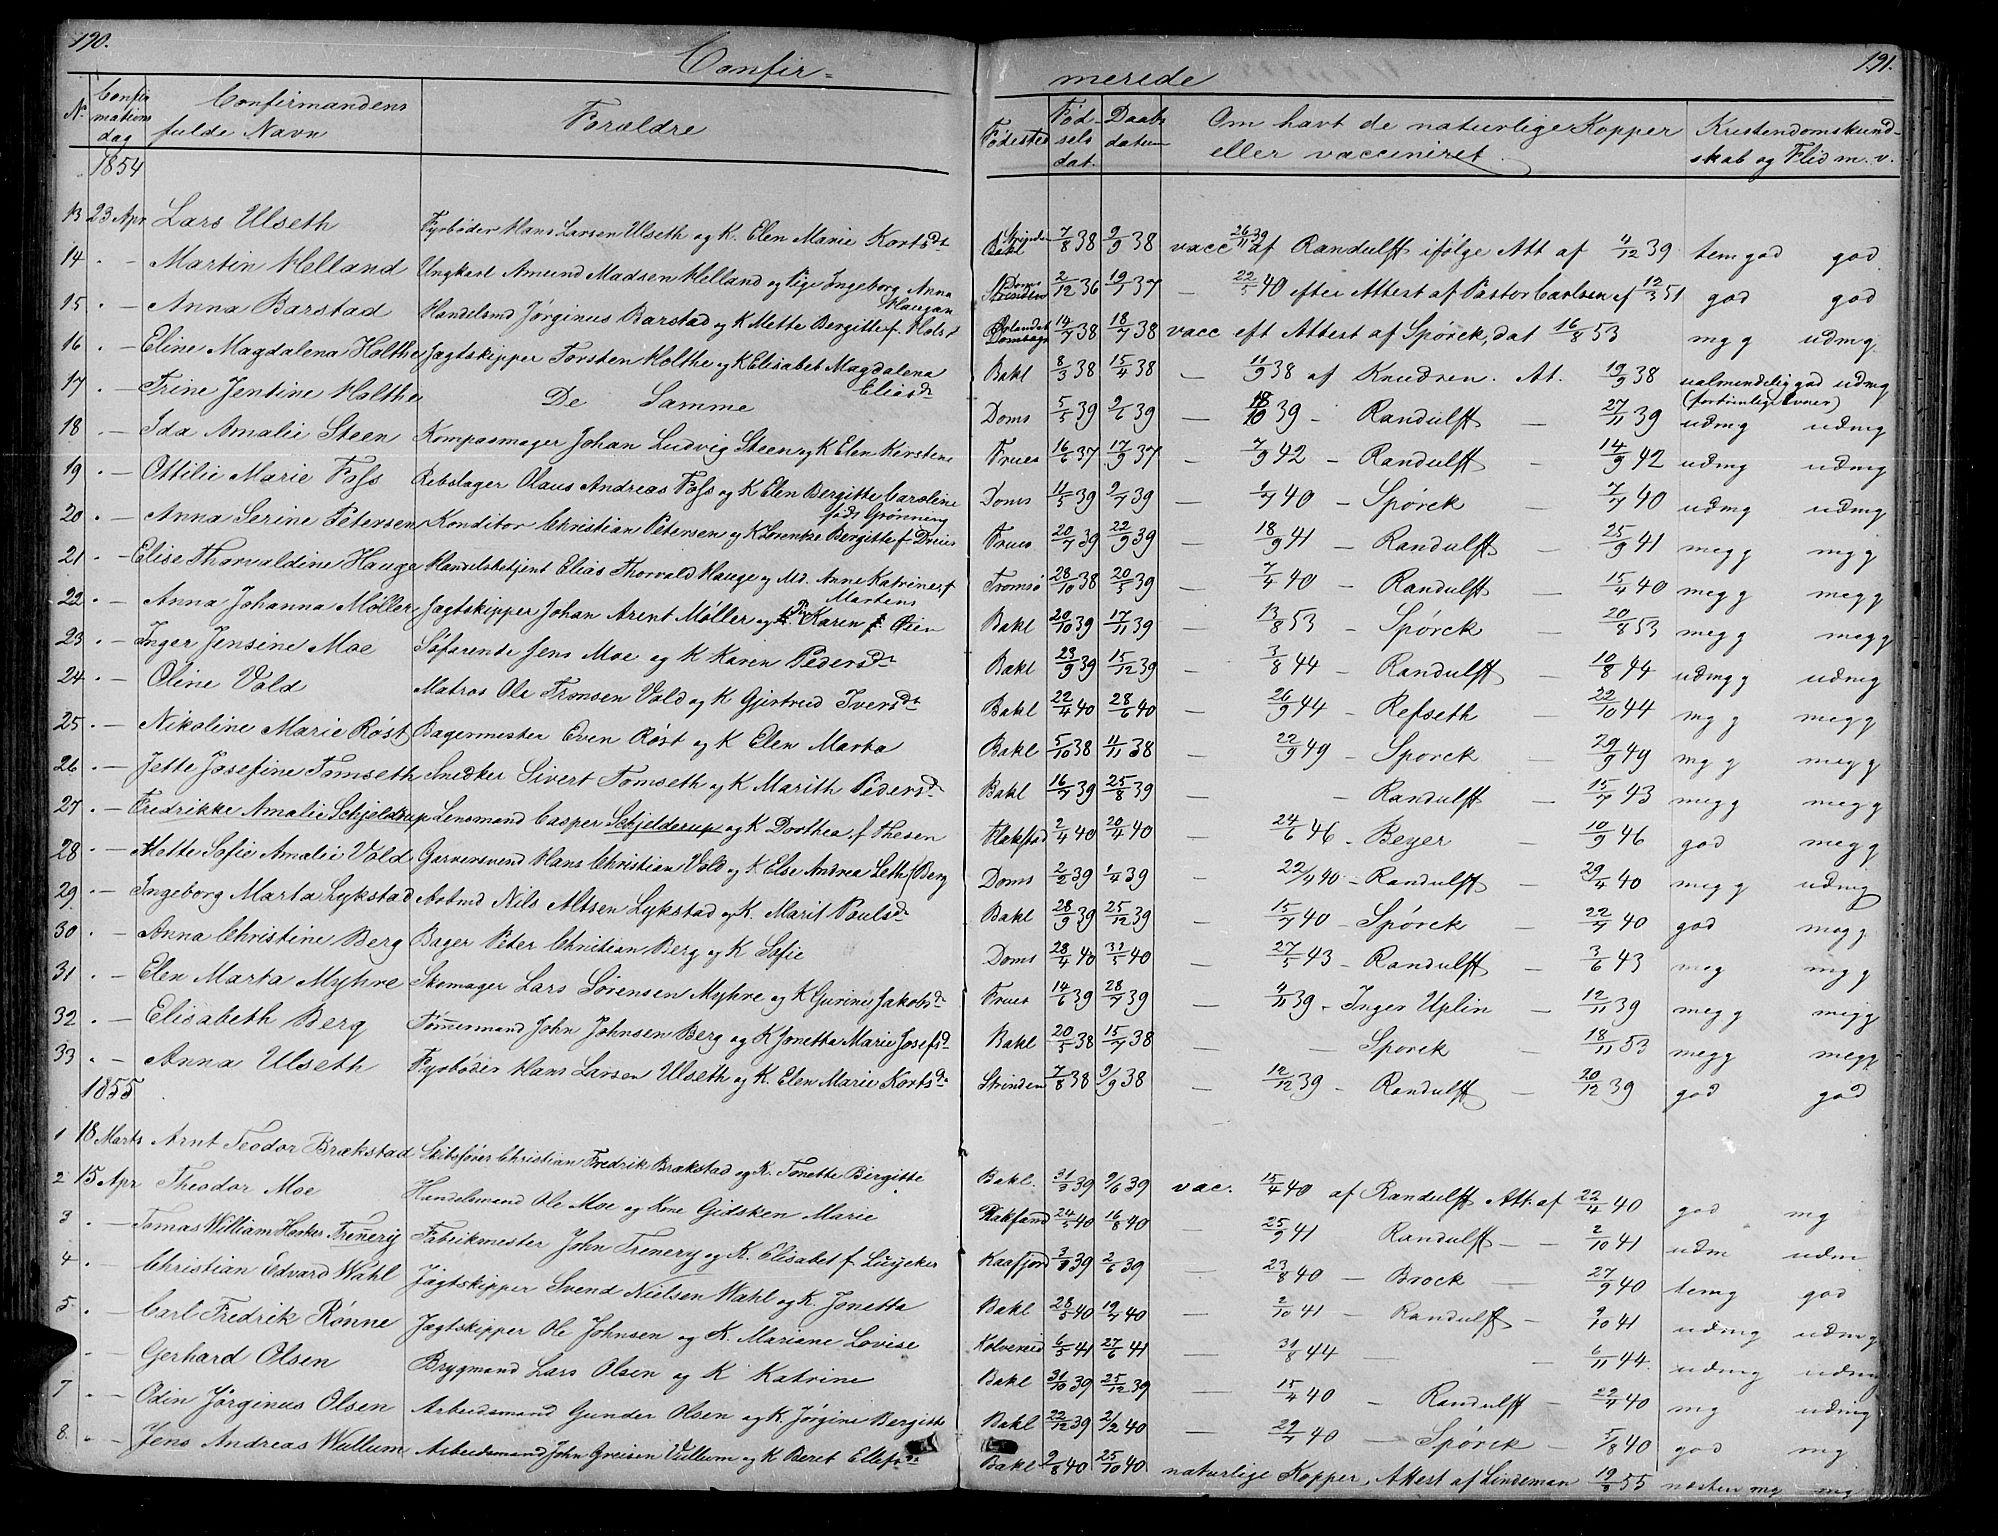 SAT, Ministerialprotokoller, klokkerbøker og fødselsregistre - Sør-Trøndelag, 604/L0219: Klokkerbok nr. 604C02, 1851-1869, s. 190-191